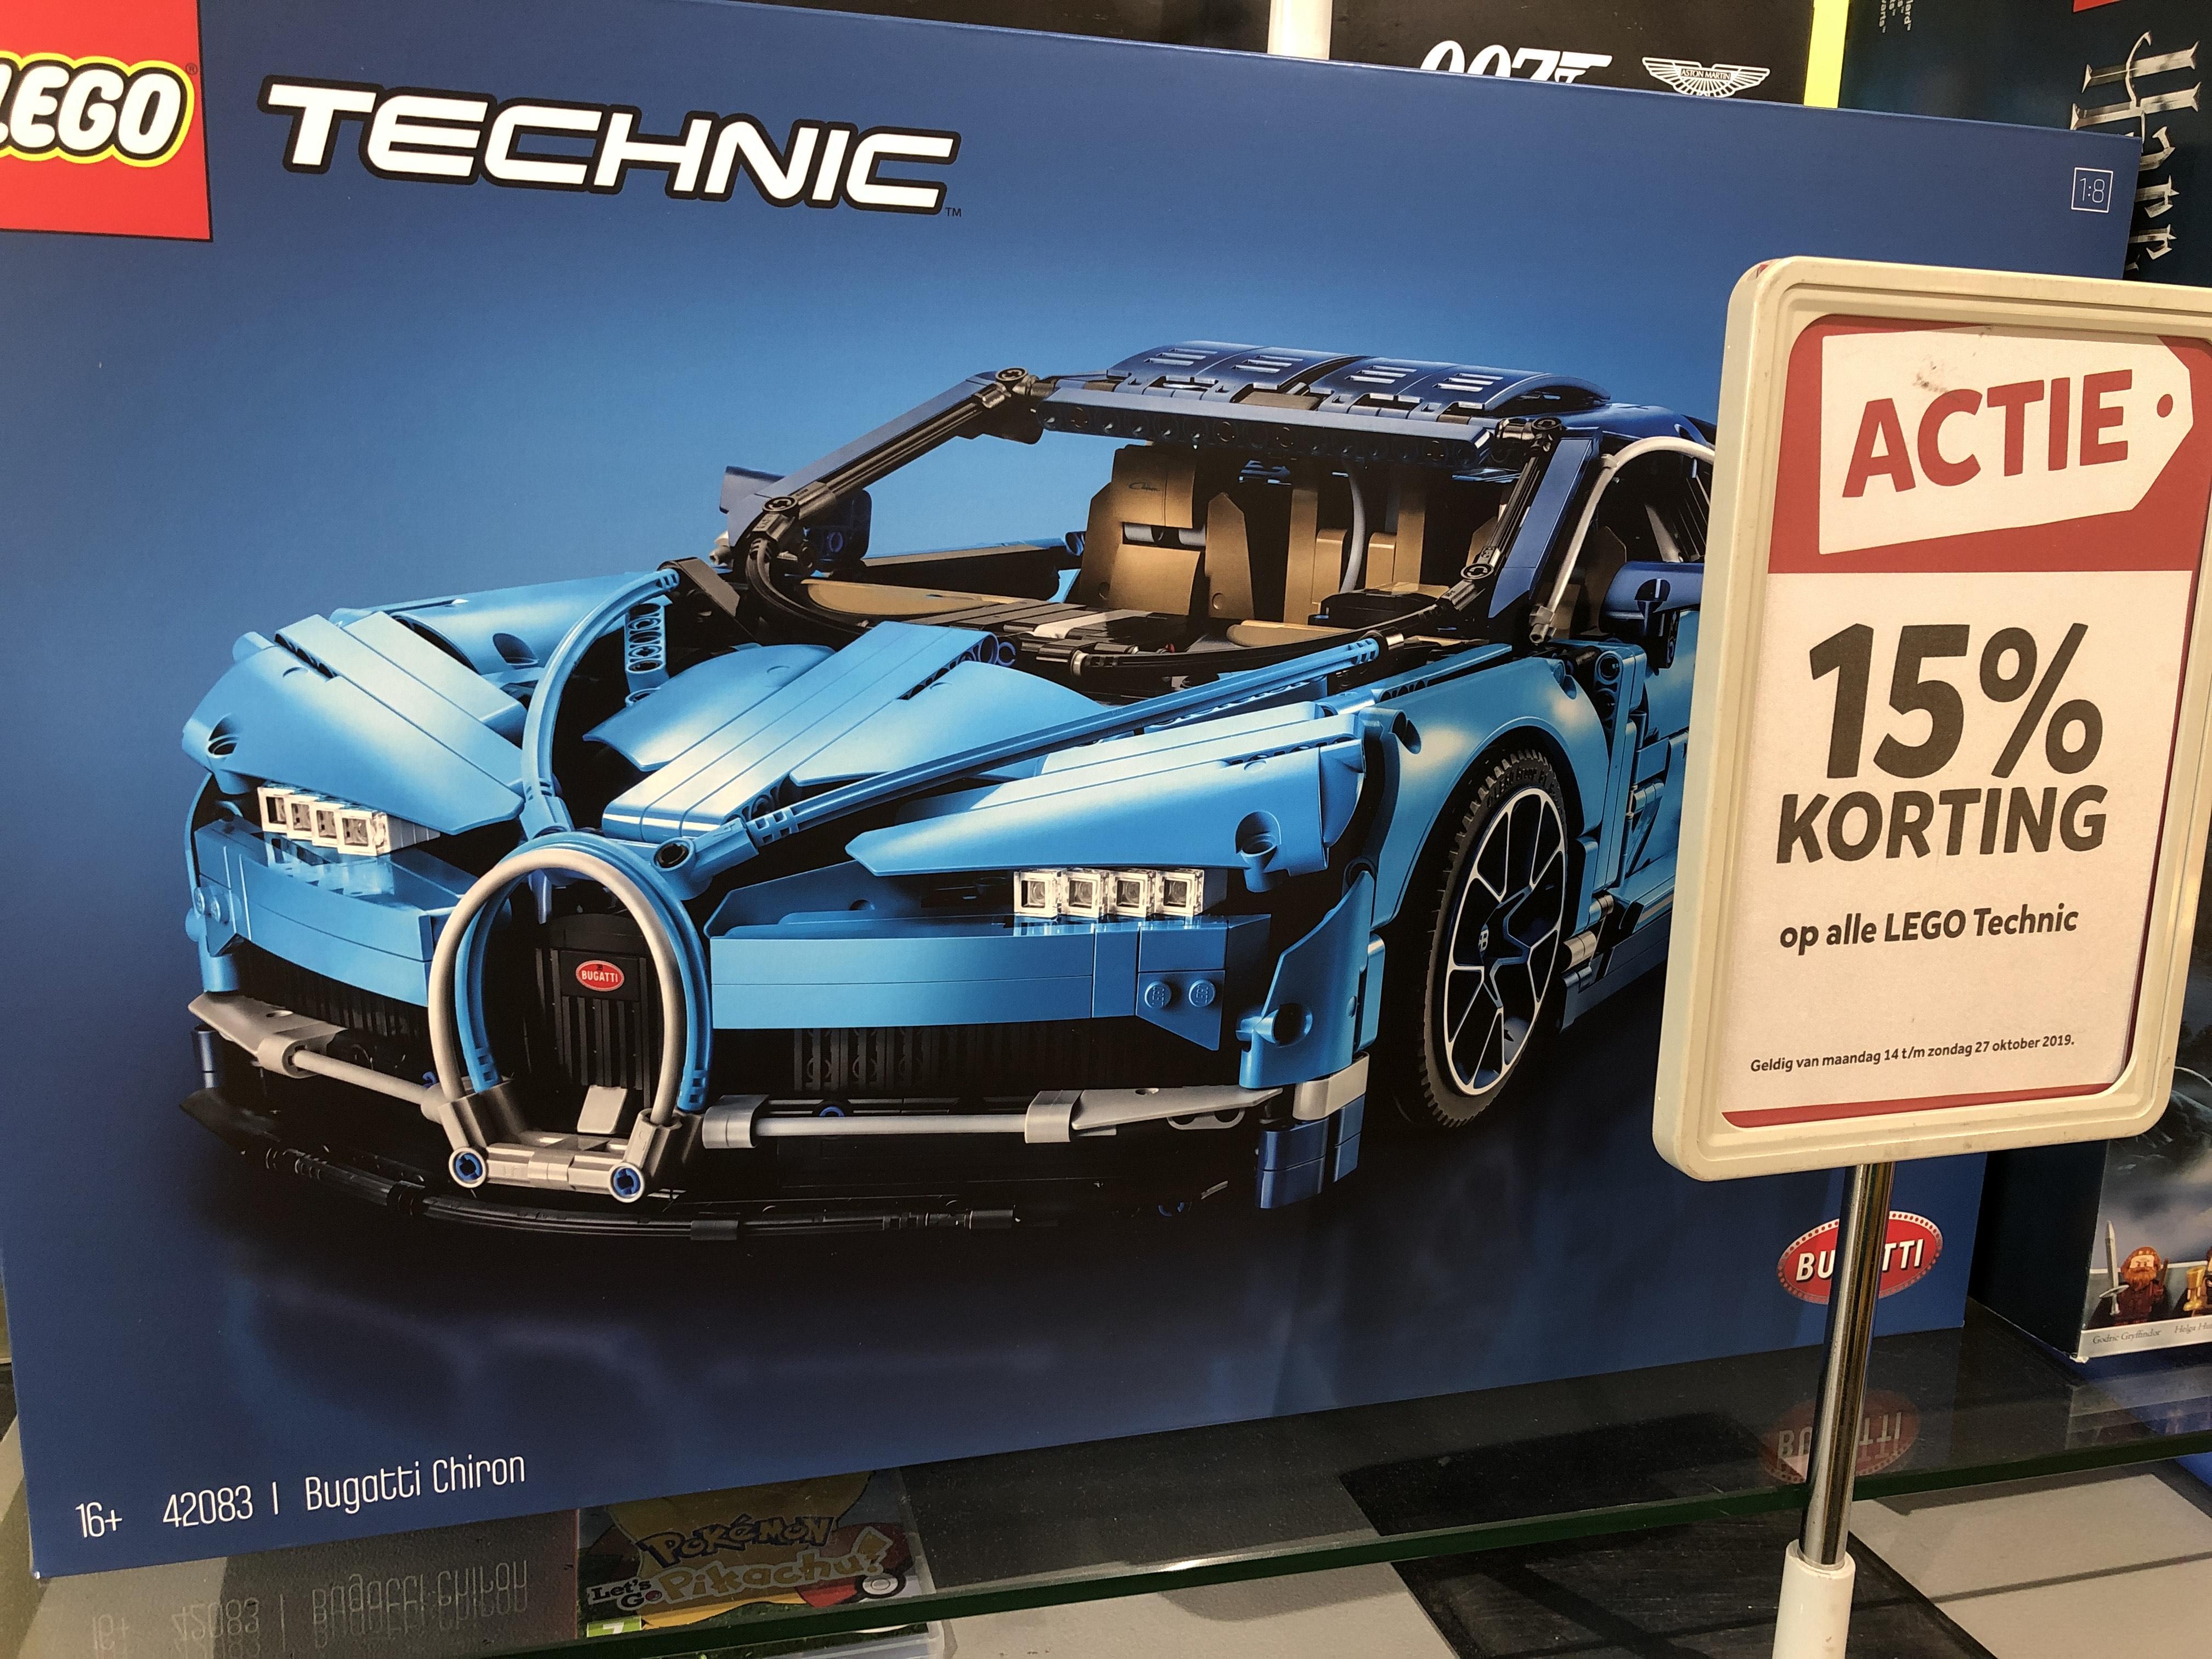 42083 Lego Bugatti